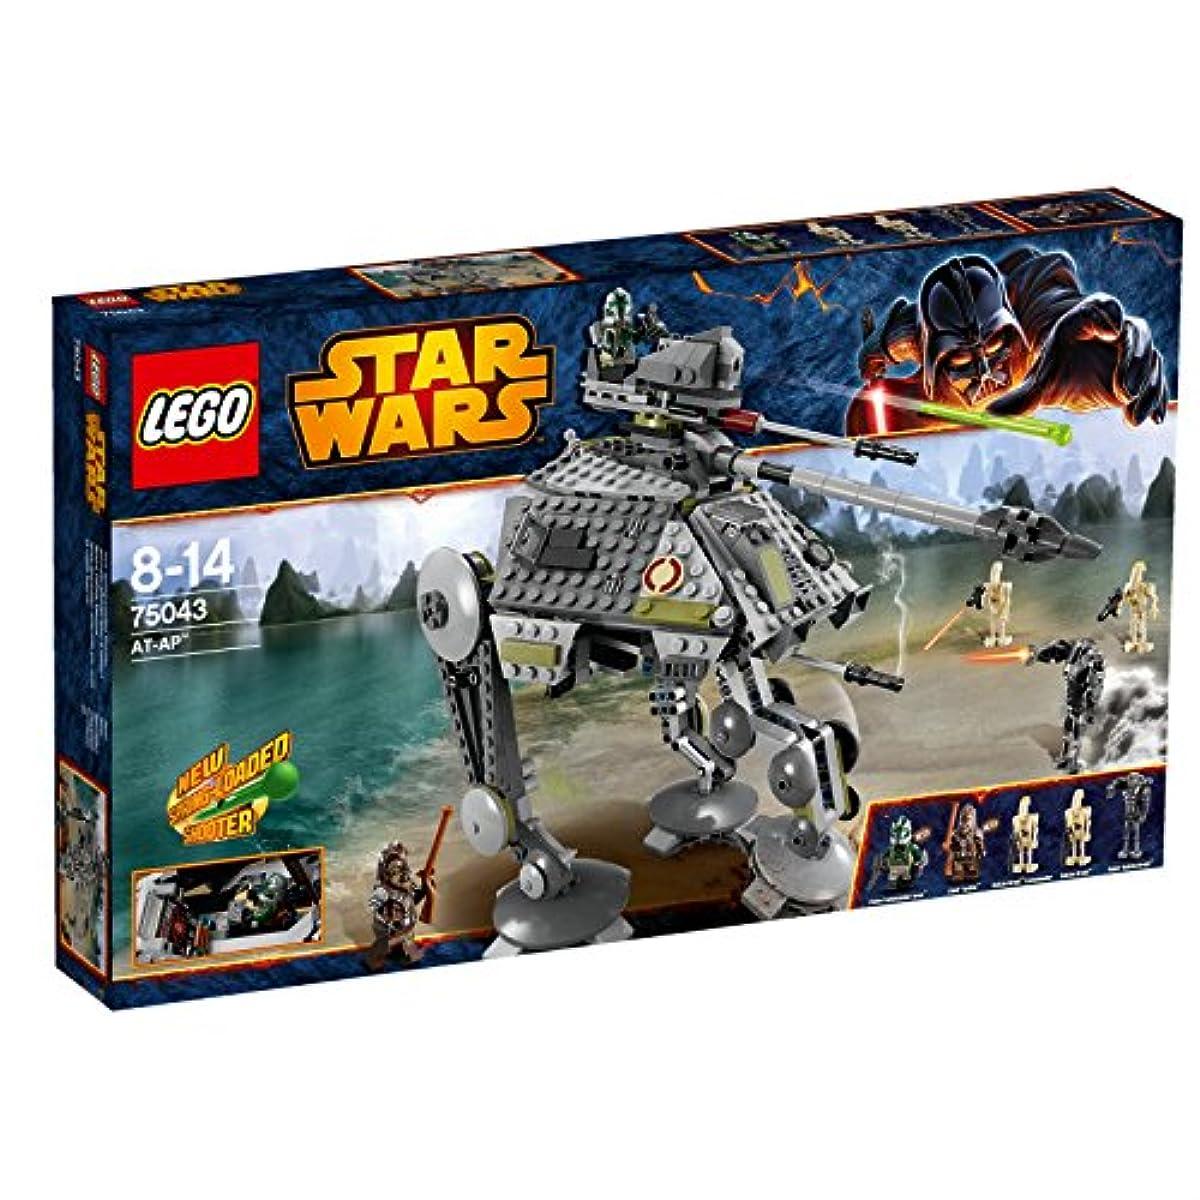 [해외] 레고 (LEGO) 스타워즈 AT-AP 75043